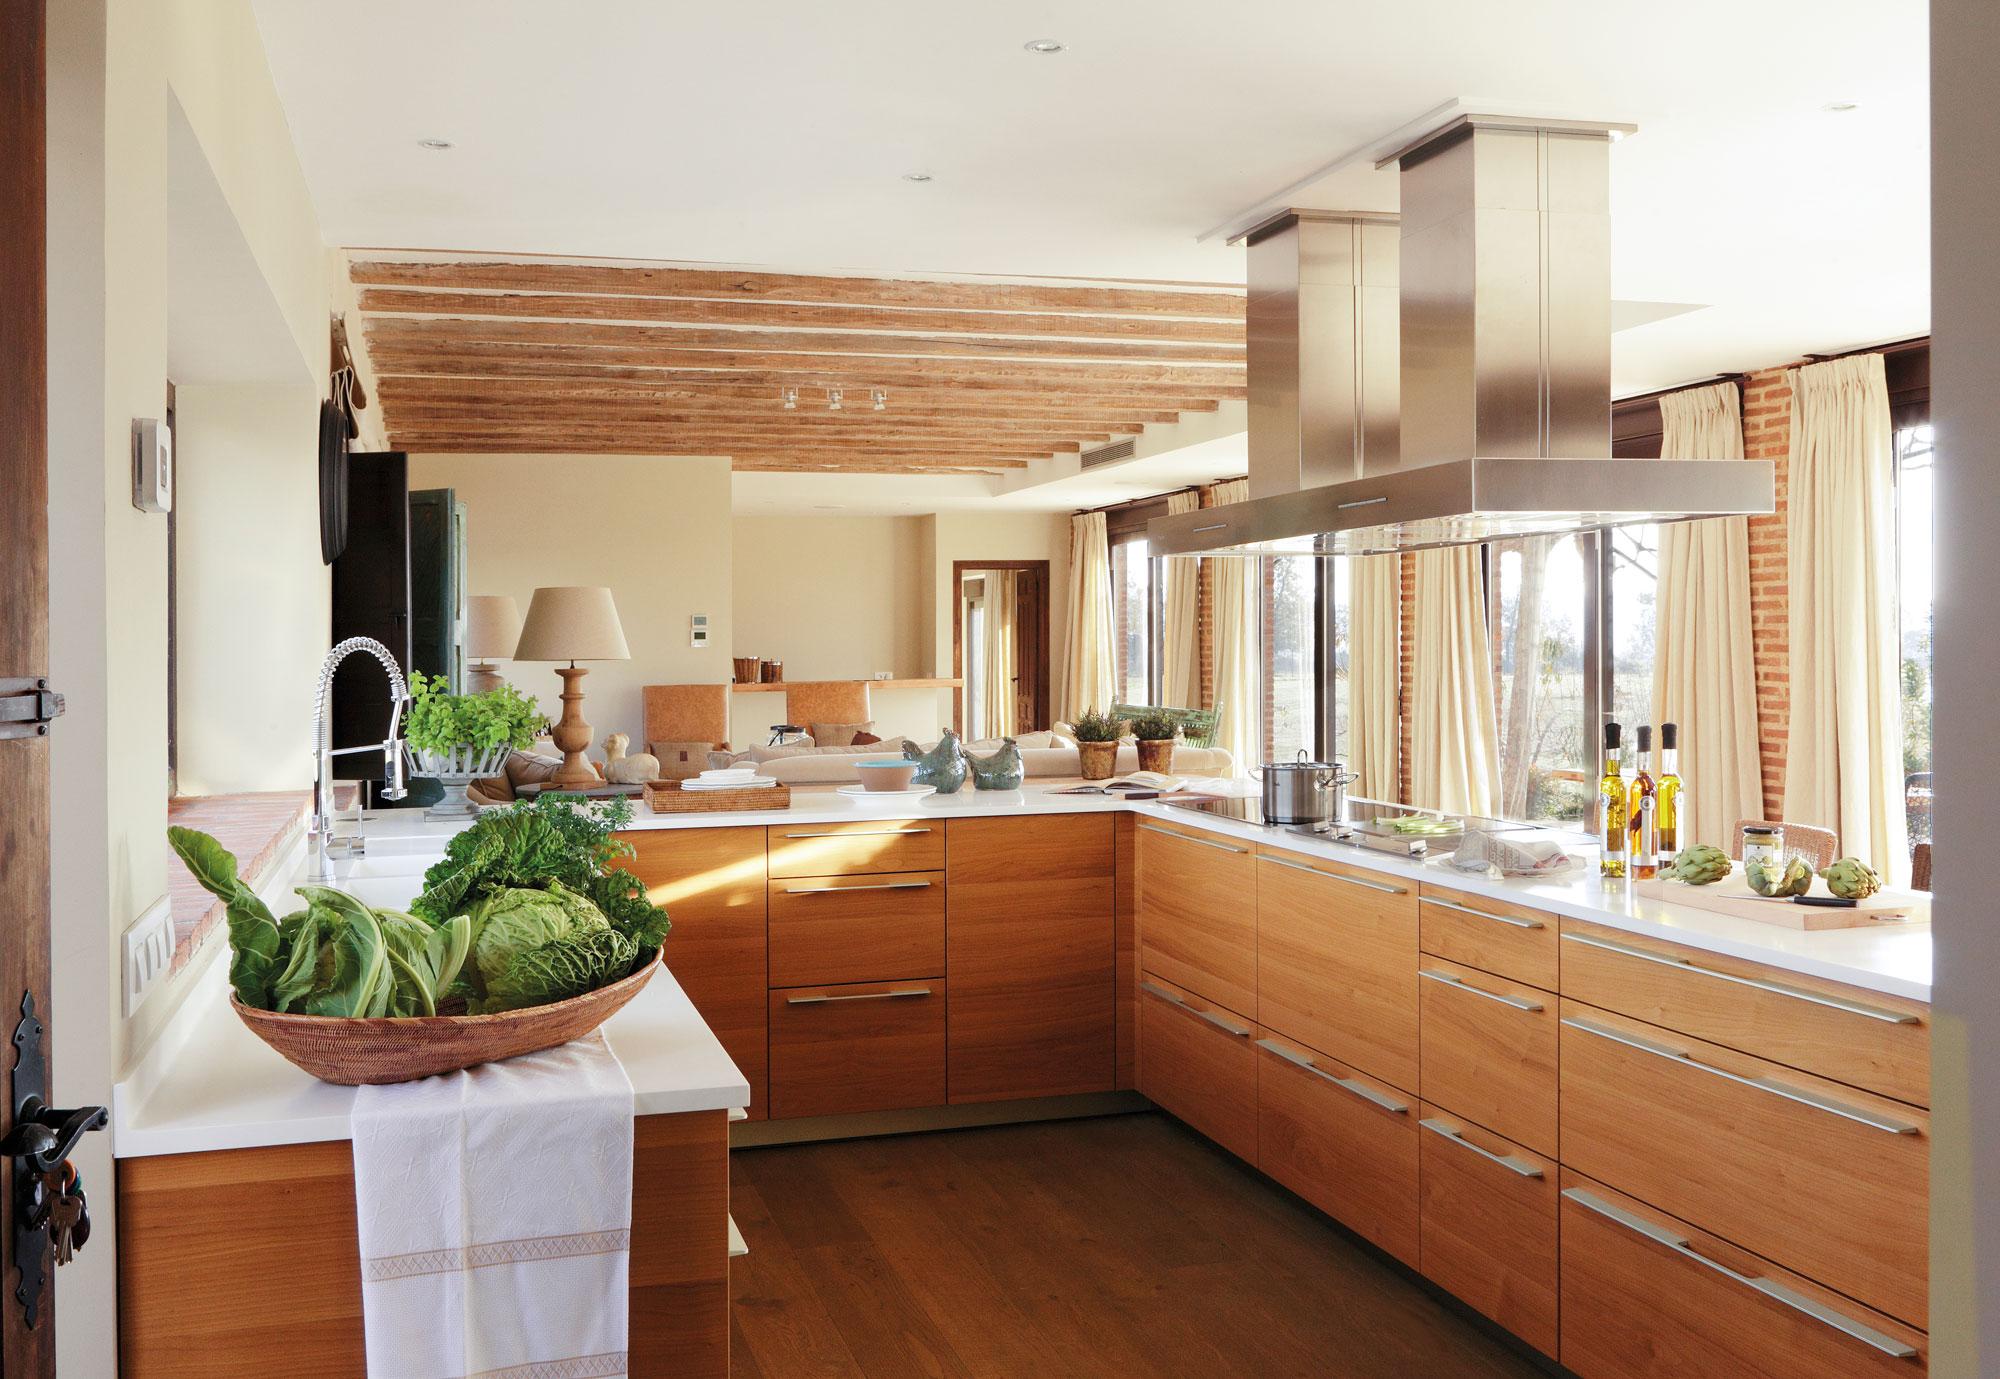 760 Fotos de Muebles de cocina